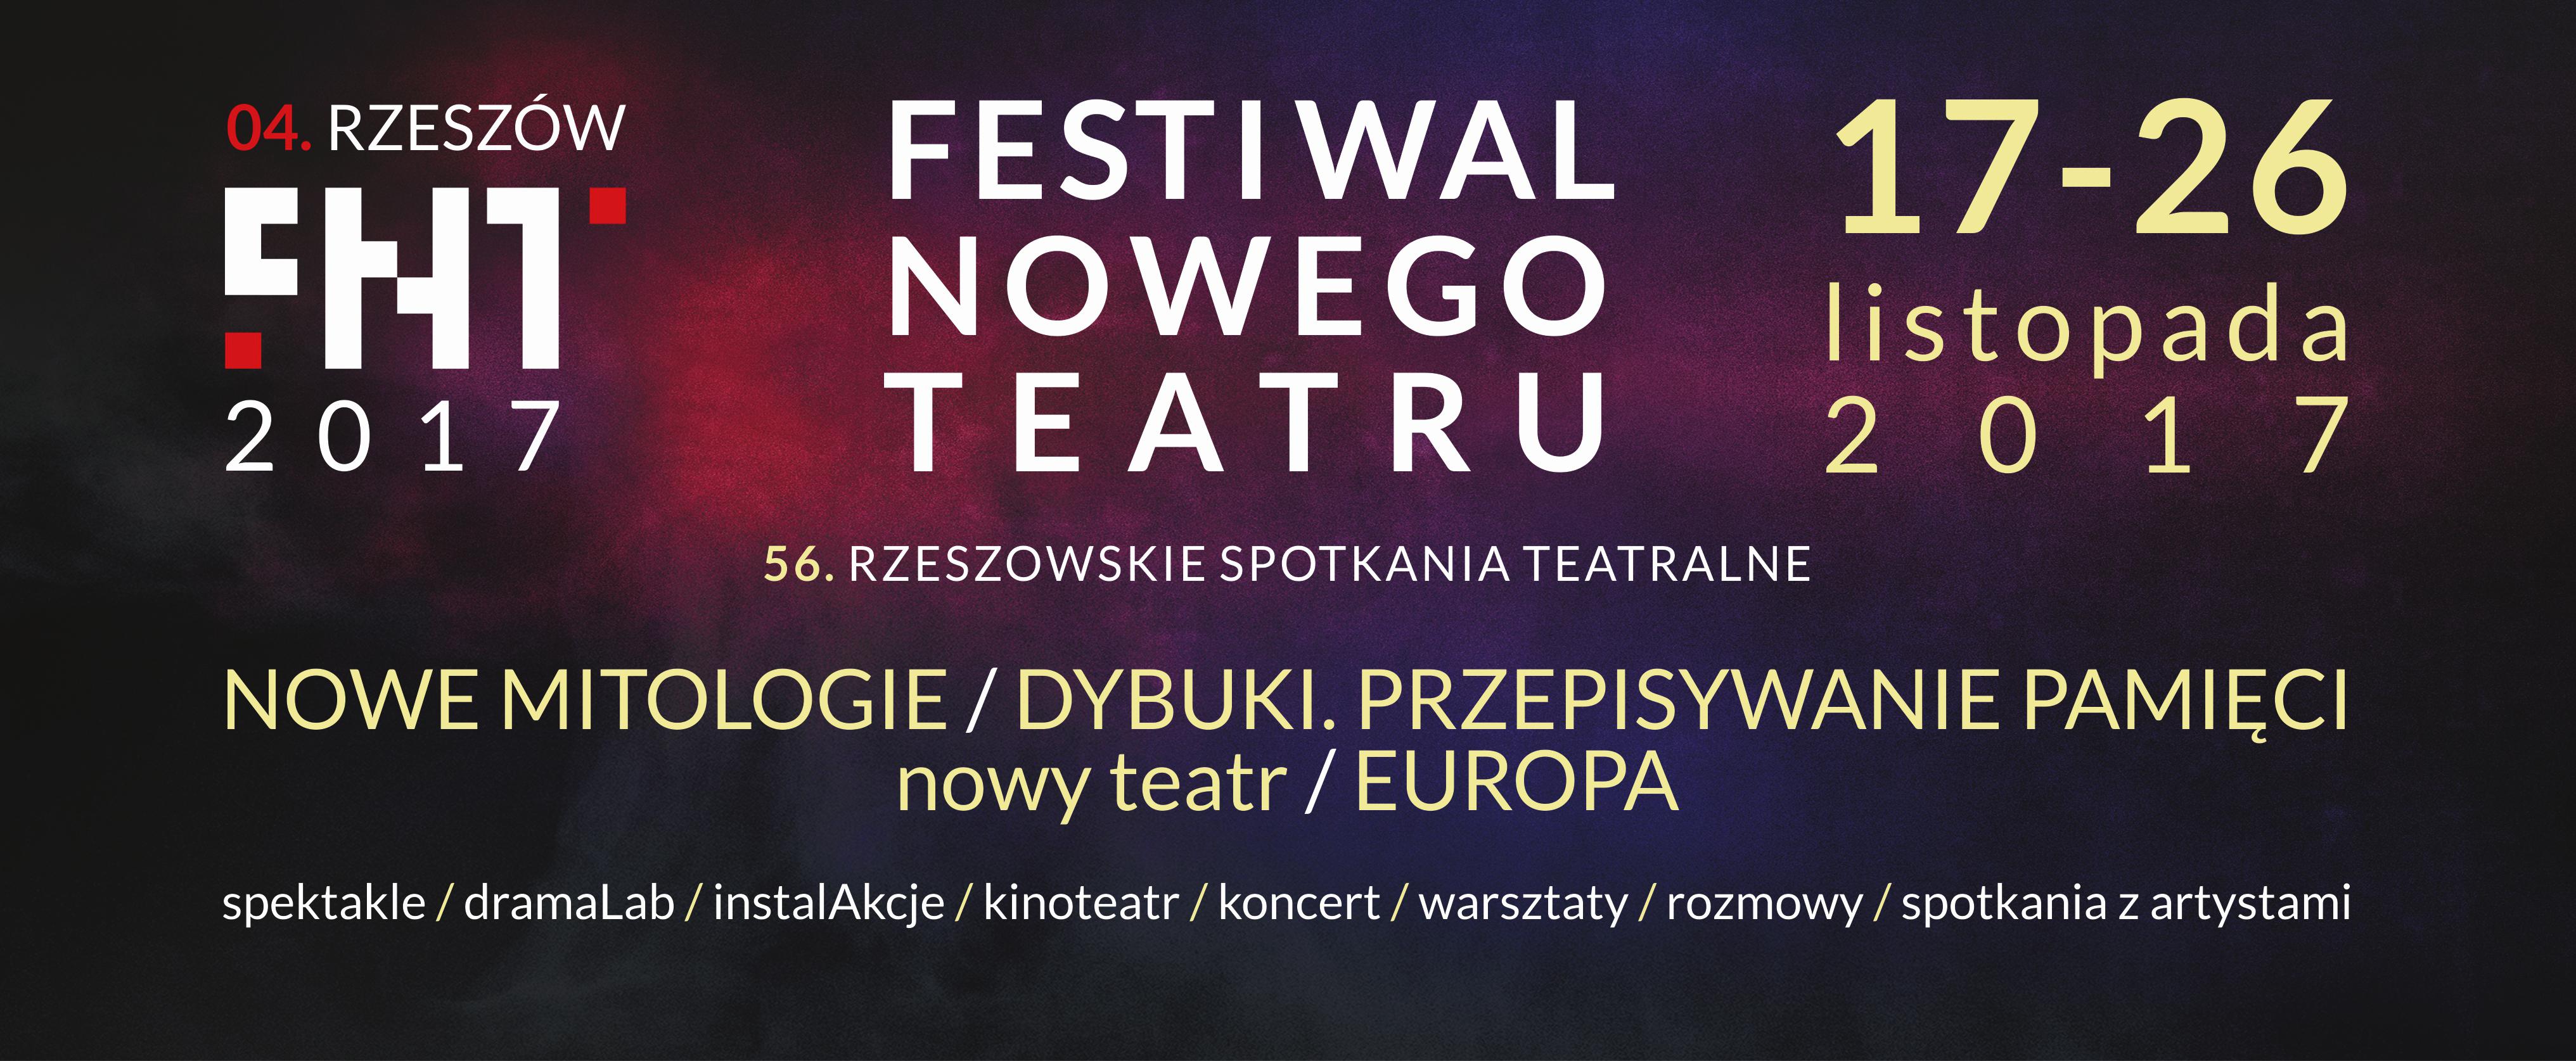 Festiwal Nowego Teatru 2017